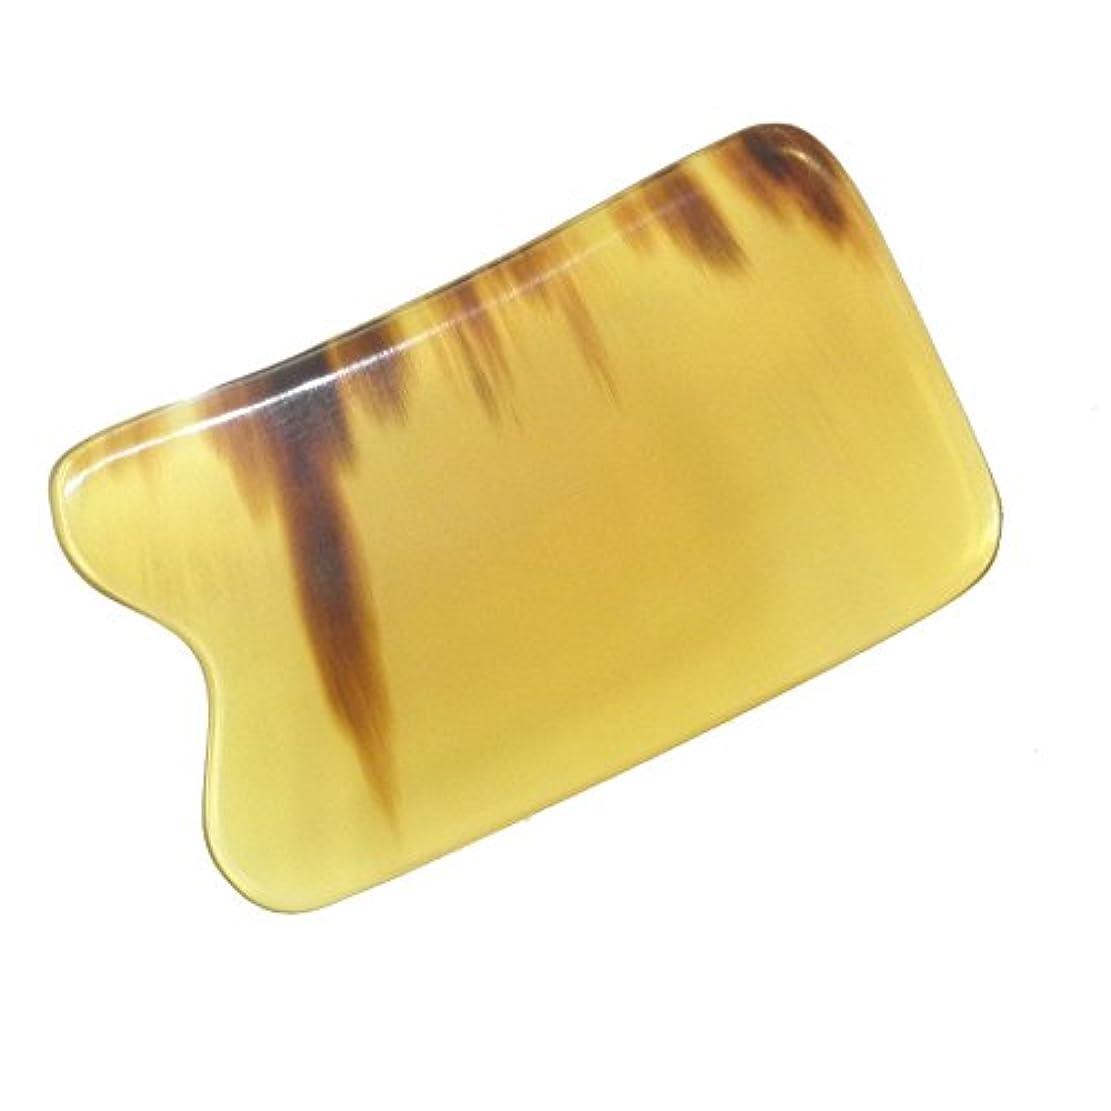 ヶ月目広い獣かっさ プレート 厚さが選べる 水牛の角(黄水牛角) EHE219SP 四角凹 特級品 少し薄め(4ミリ程度)